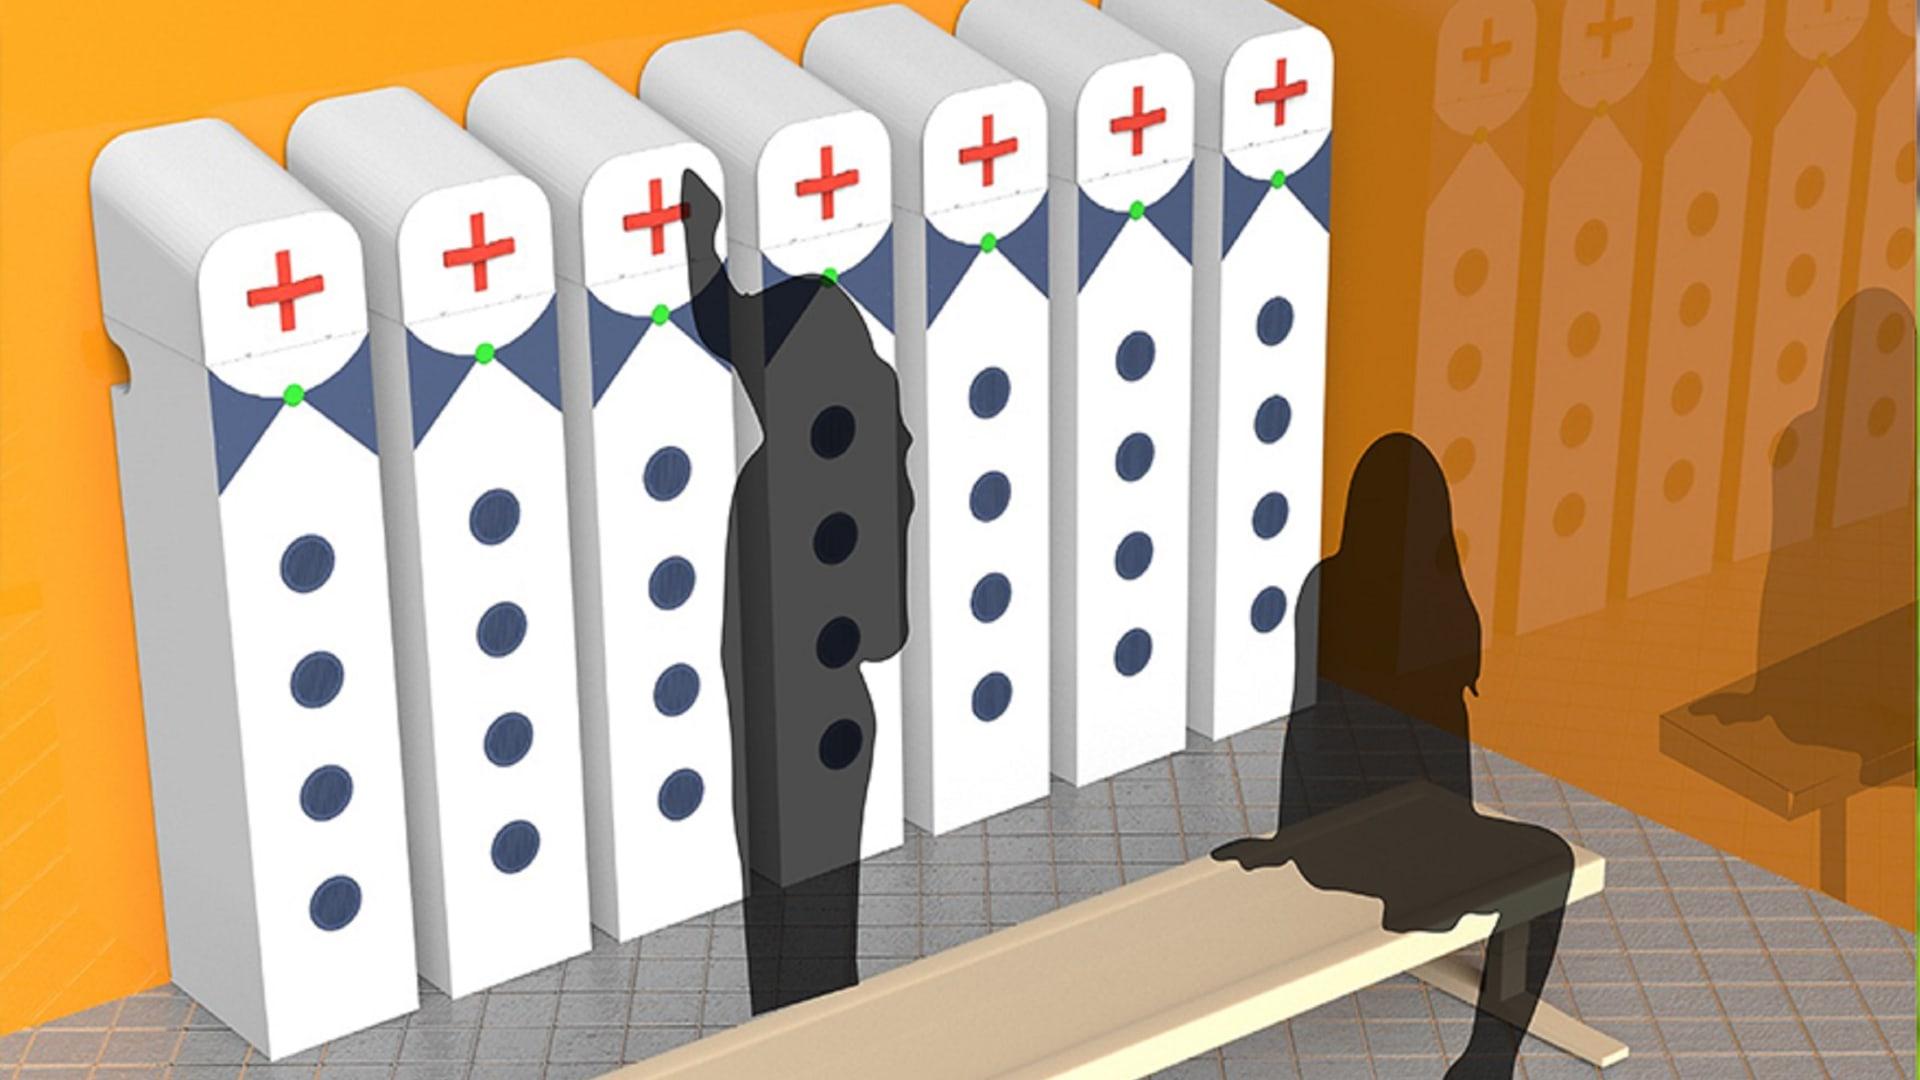 تصاميم وابتكارات لمحاربة فيروس كورونا في مسابقة عالمية تنطلق من دبي